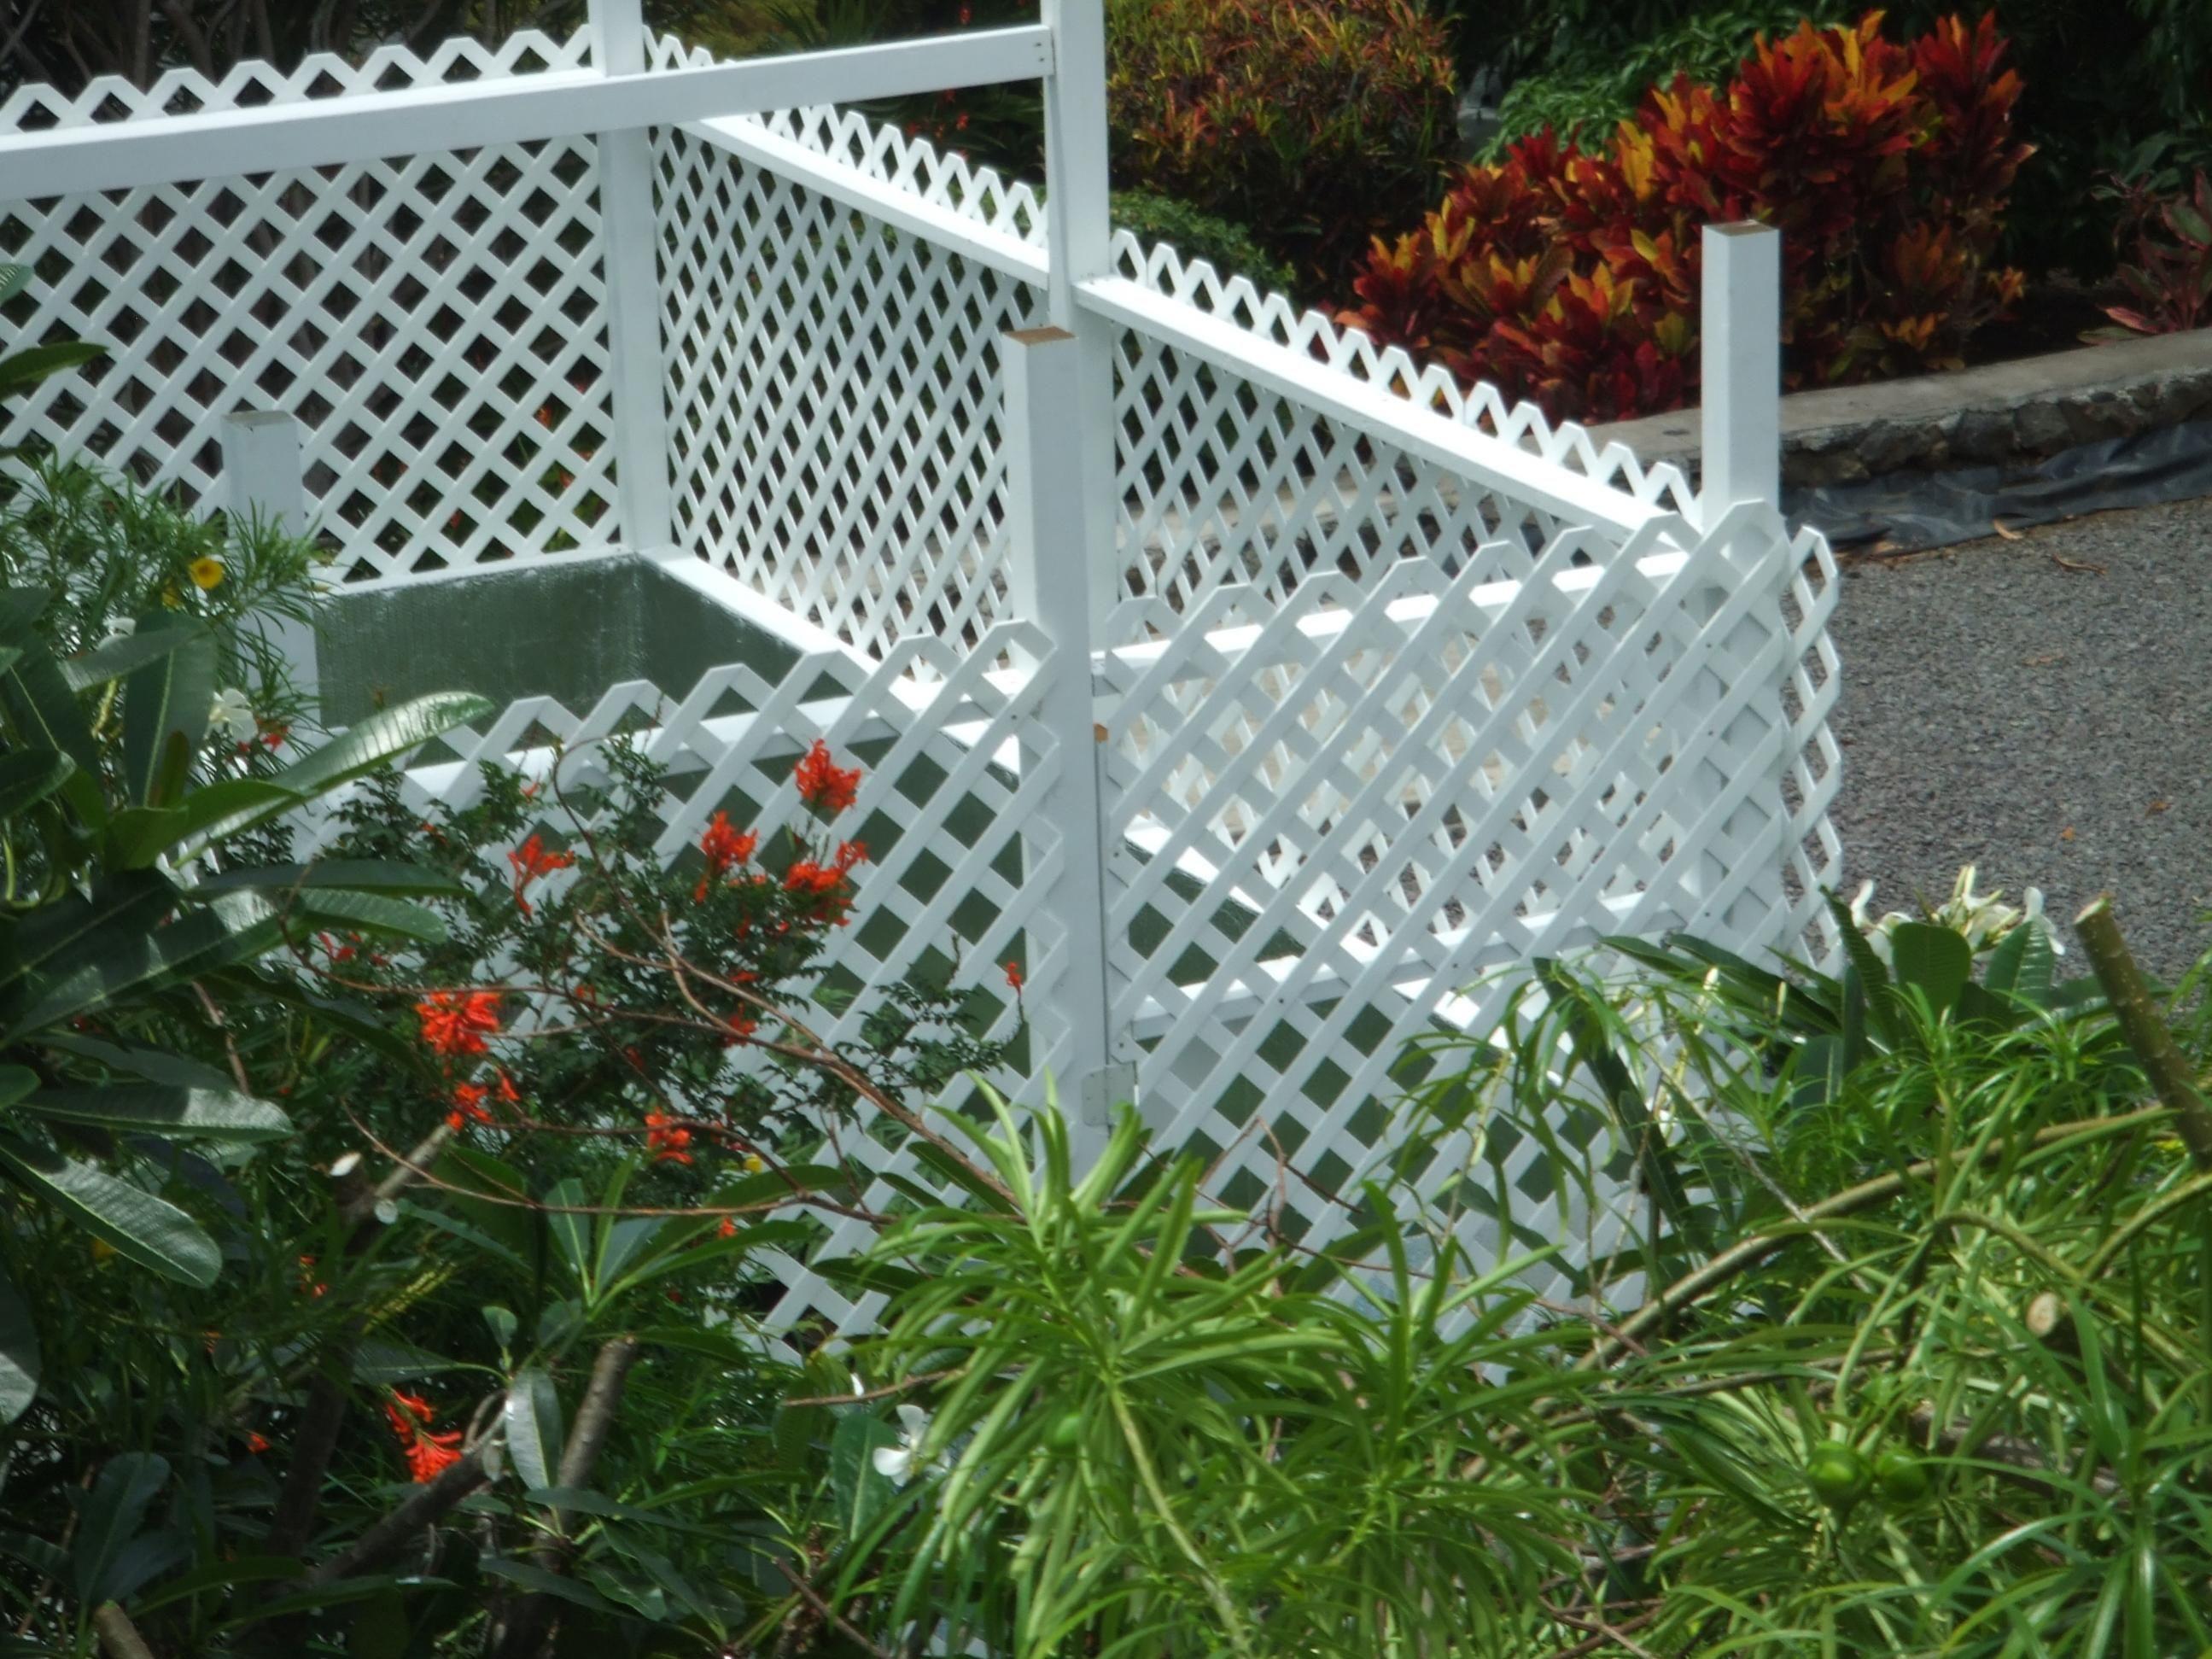 Lattice Fence Idea Dog Fence Hanging Plants On Fence Cheap Dog Kennels